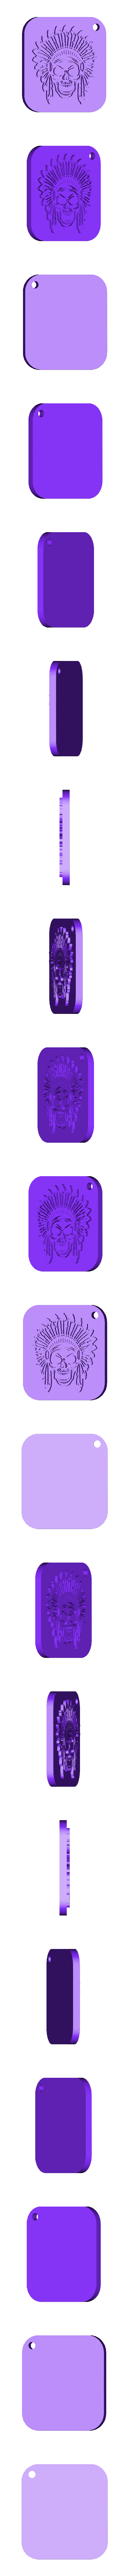 Indian.stl Télécharger fichier STL gratuit Porte-clés crâne indien • Plan pour imprimante 3D, miranda77mr